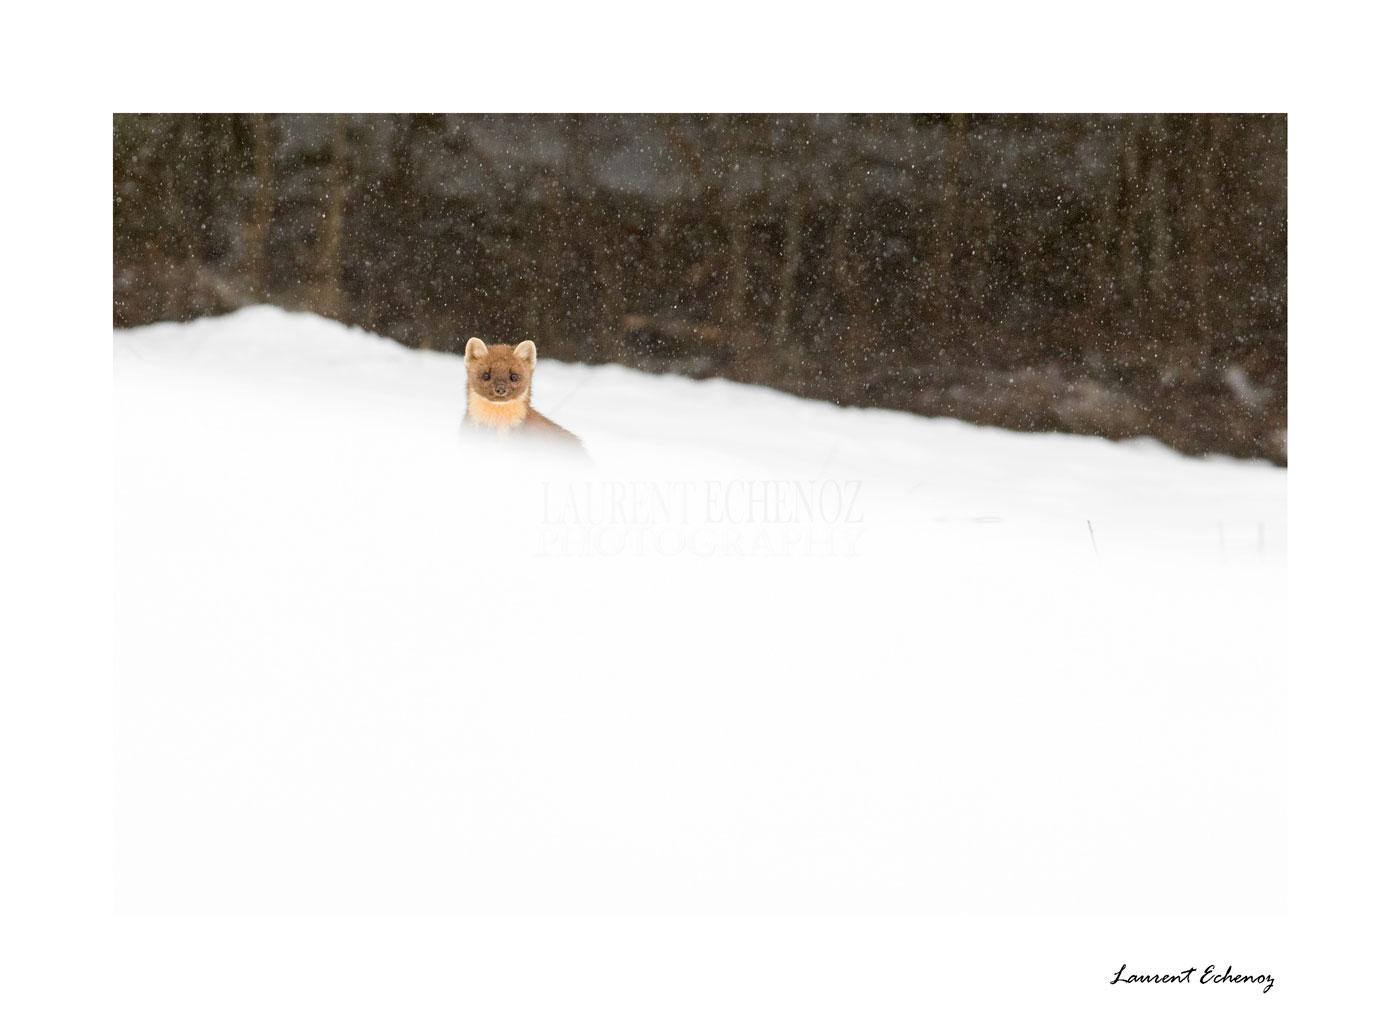 Demoiselle dans la neige